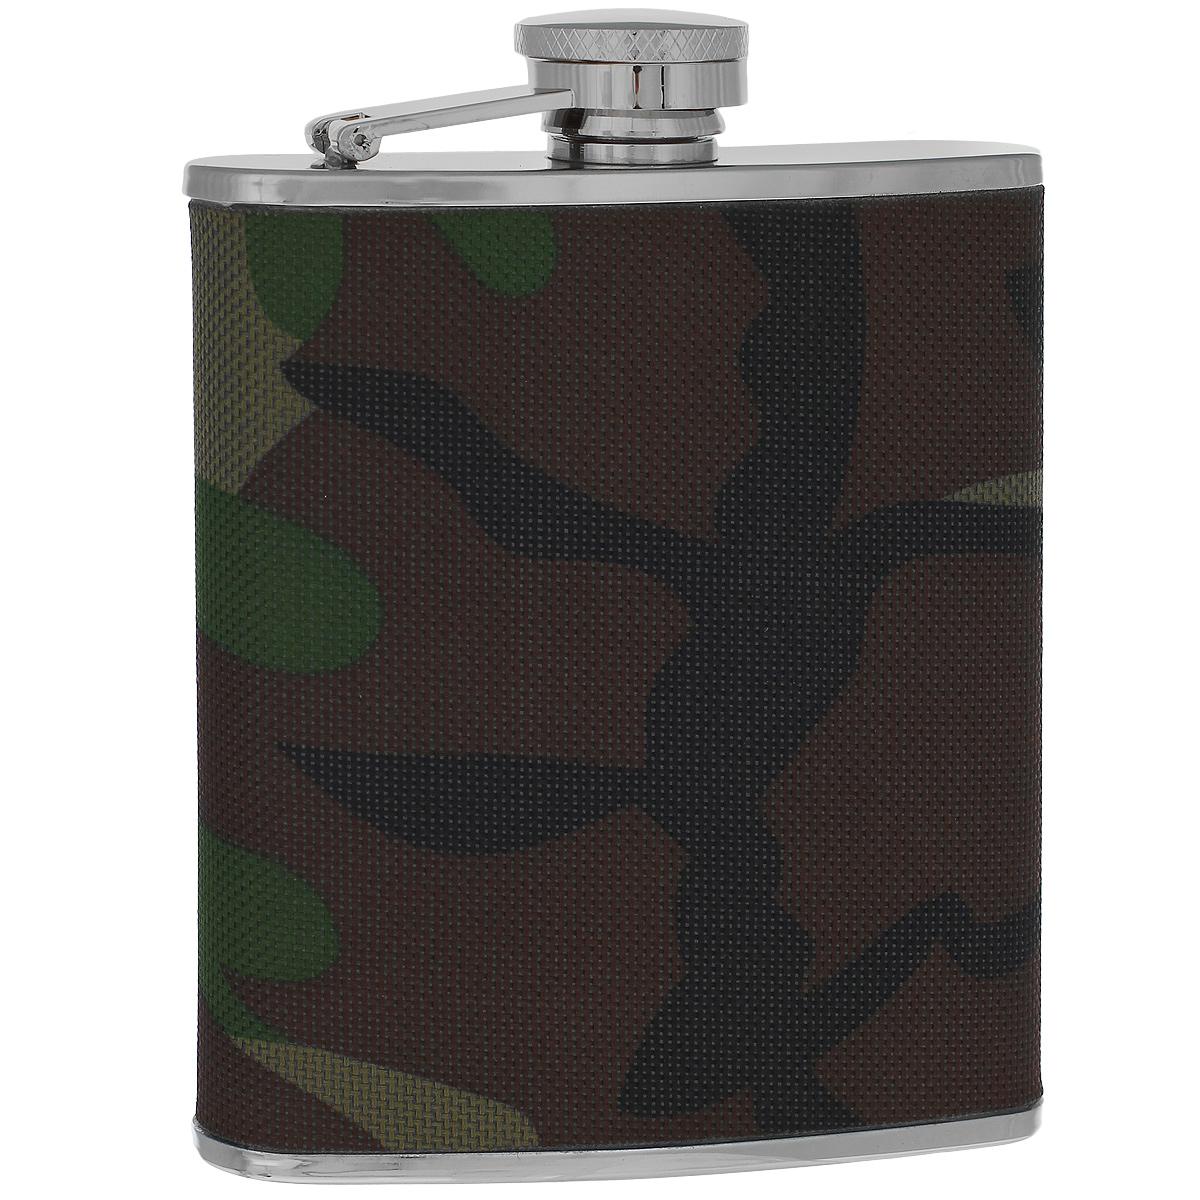 Фляга S.Quire Камуфляж, 180 млTB06-3411NФляга S.Quire изготовлена из нержавеющей стали 18/10 и оформлена текстильной вставкой с рисунком камуфляж. Фляга специально предназначена для хранения алкогольных напитков. Ее нельзя использовать для напитков, содержащих кислоту, таких как сок и сердечные лекарства. Крышка плотно закрывается, предотвращая проливание. Фляга S.Quire - идеальный подарок для настоящих мужчин. Стильный дизайн, компактность и качество изделия, несомненно, порадуют любого мужчину.